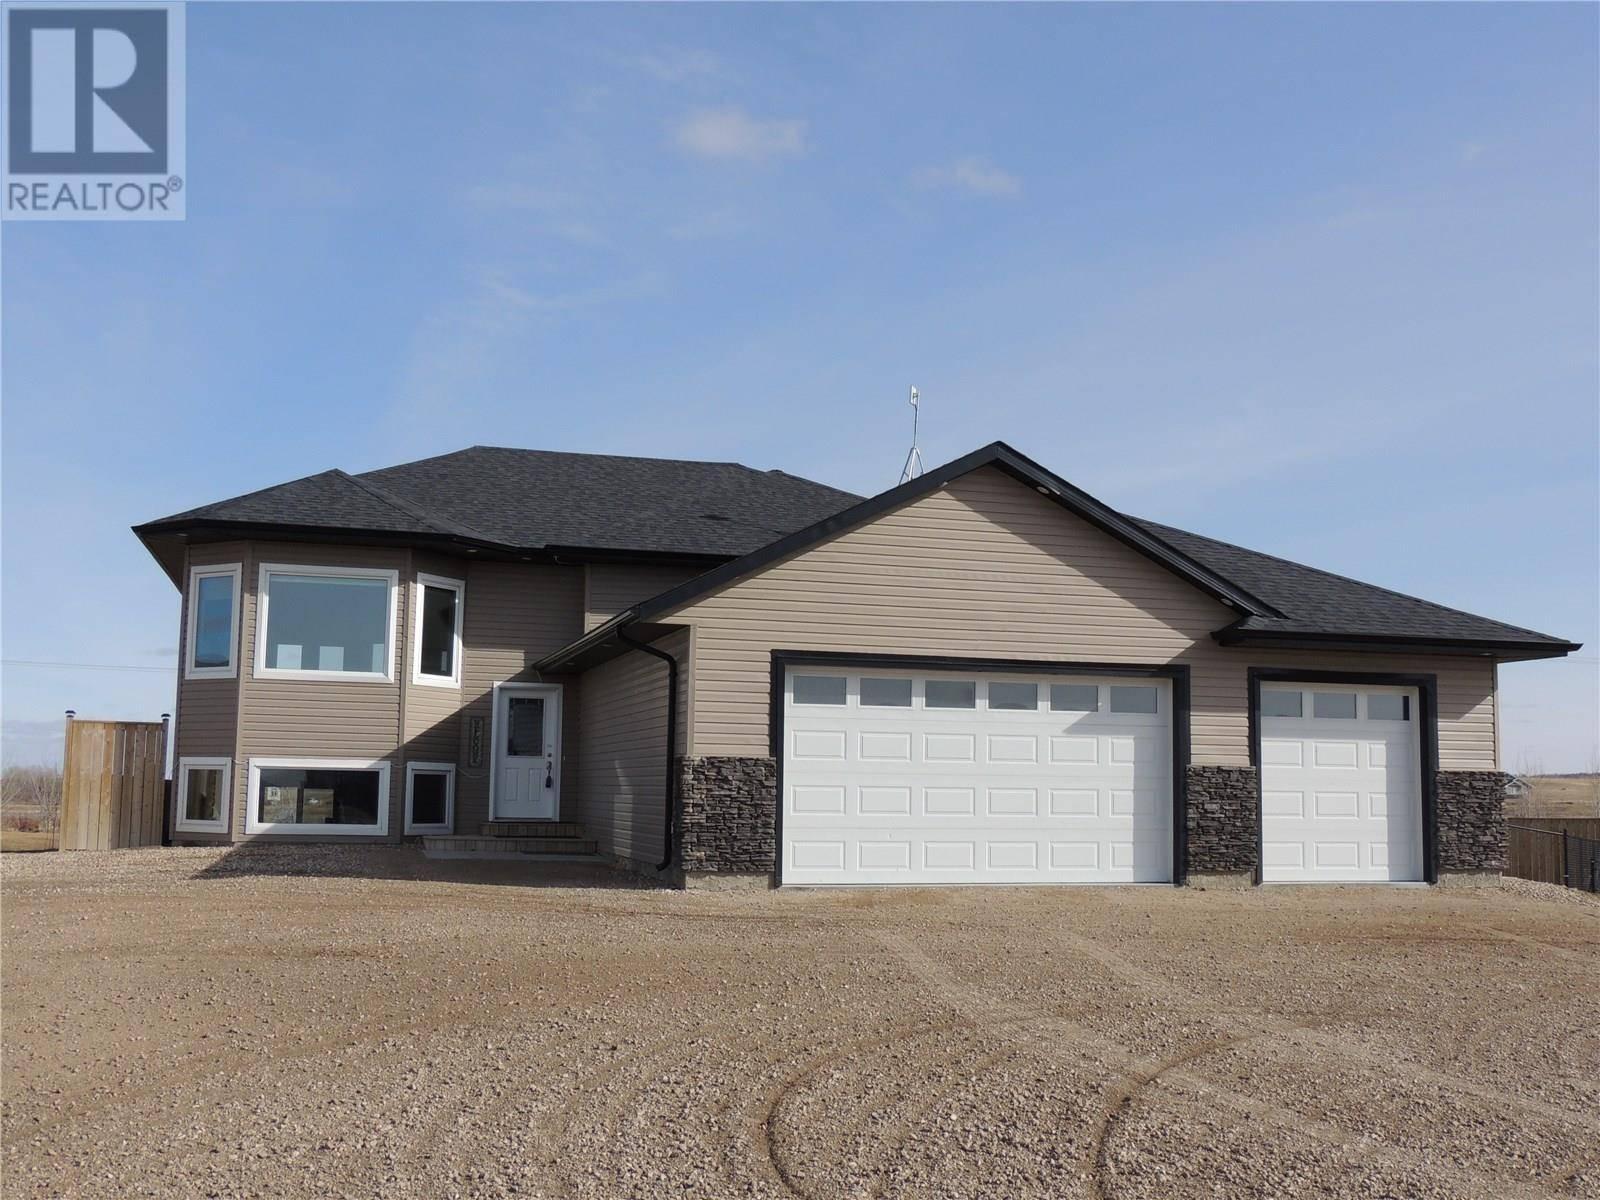 House for sale at 103 Meadowbrook Ln Aberdeen Rm No. 373 Saskatchewan - MLS: SK767519